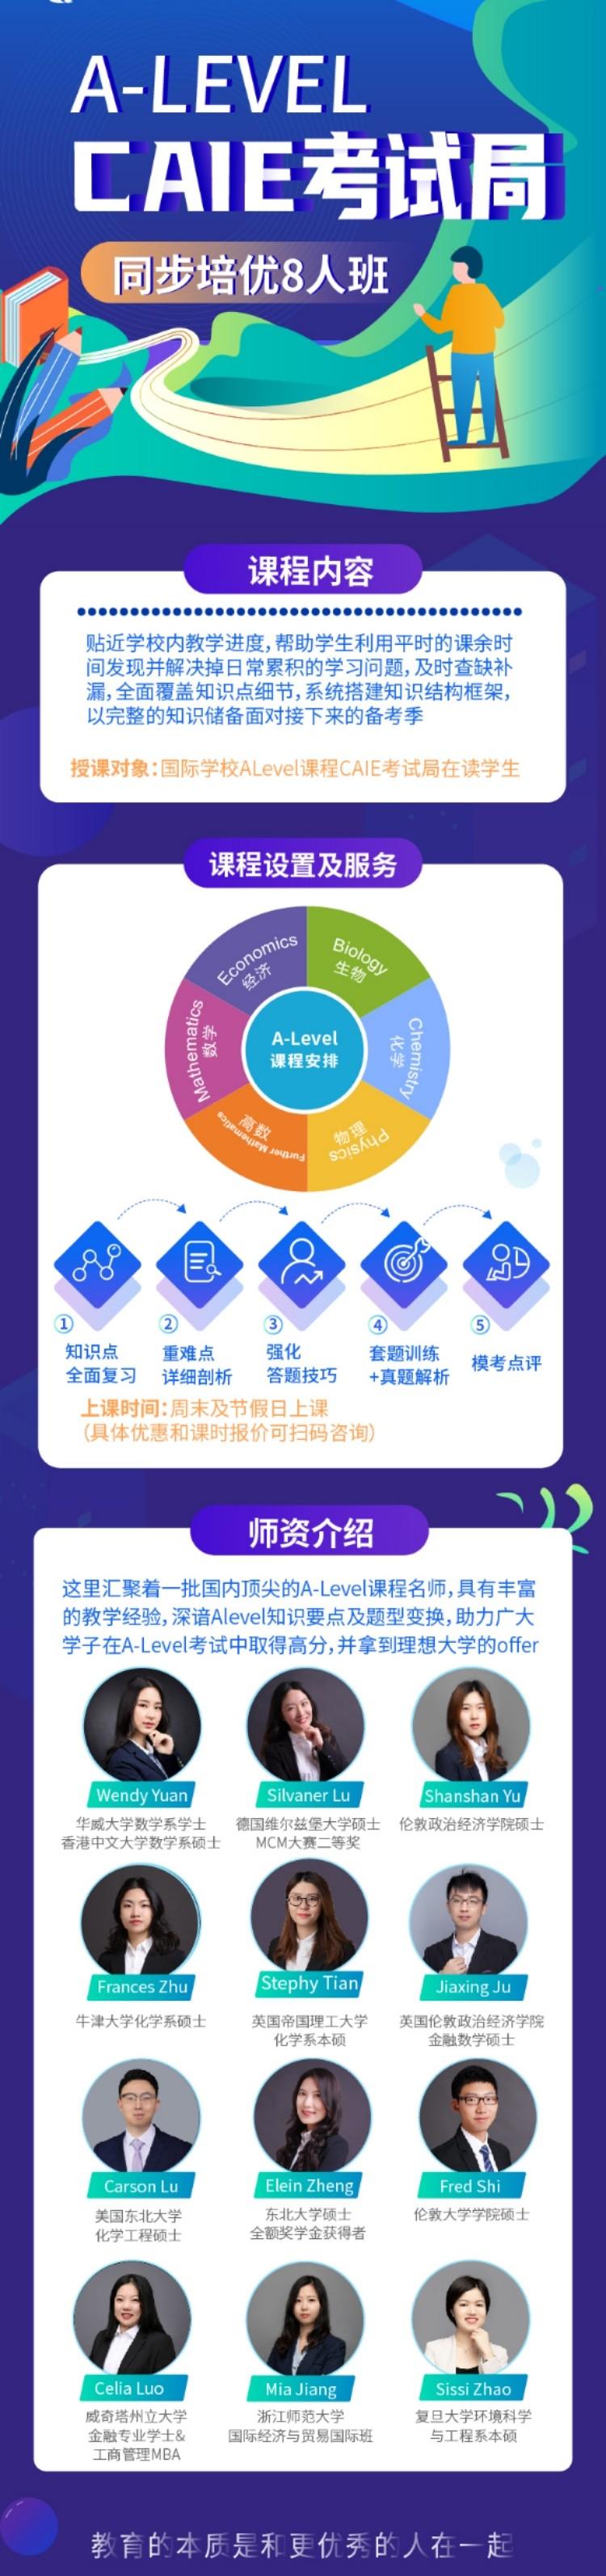 香港中文大学alevel录取要求高吗 至少AAA内容图片_5